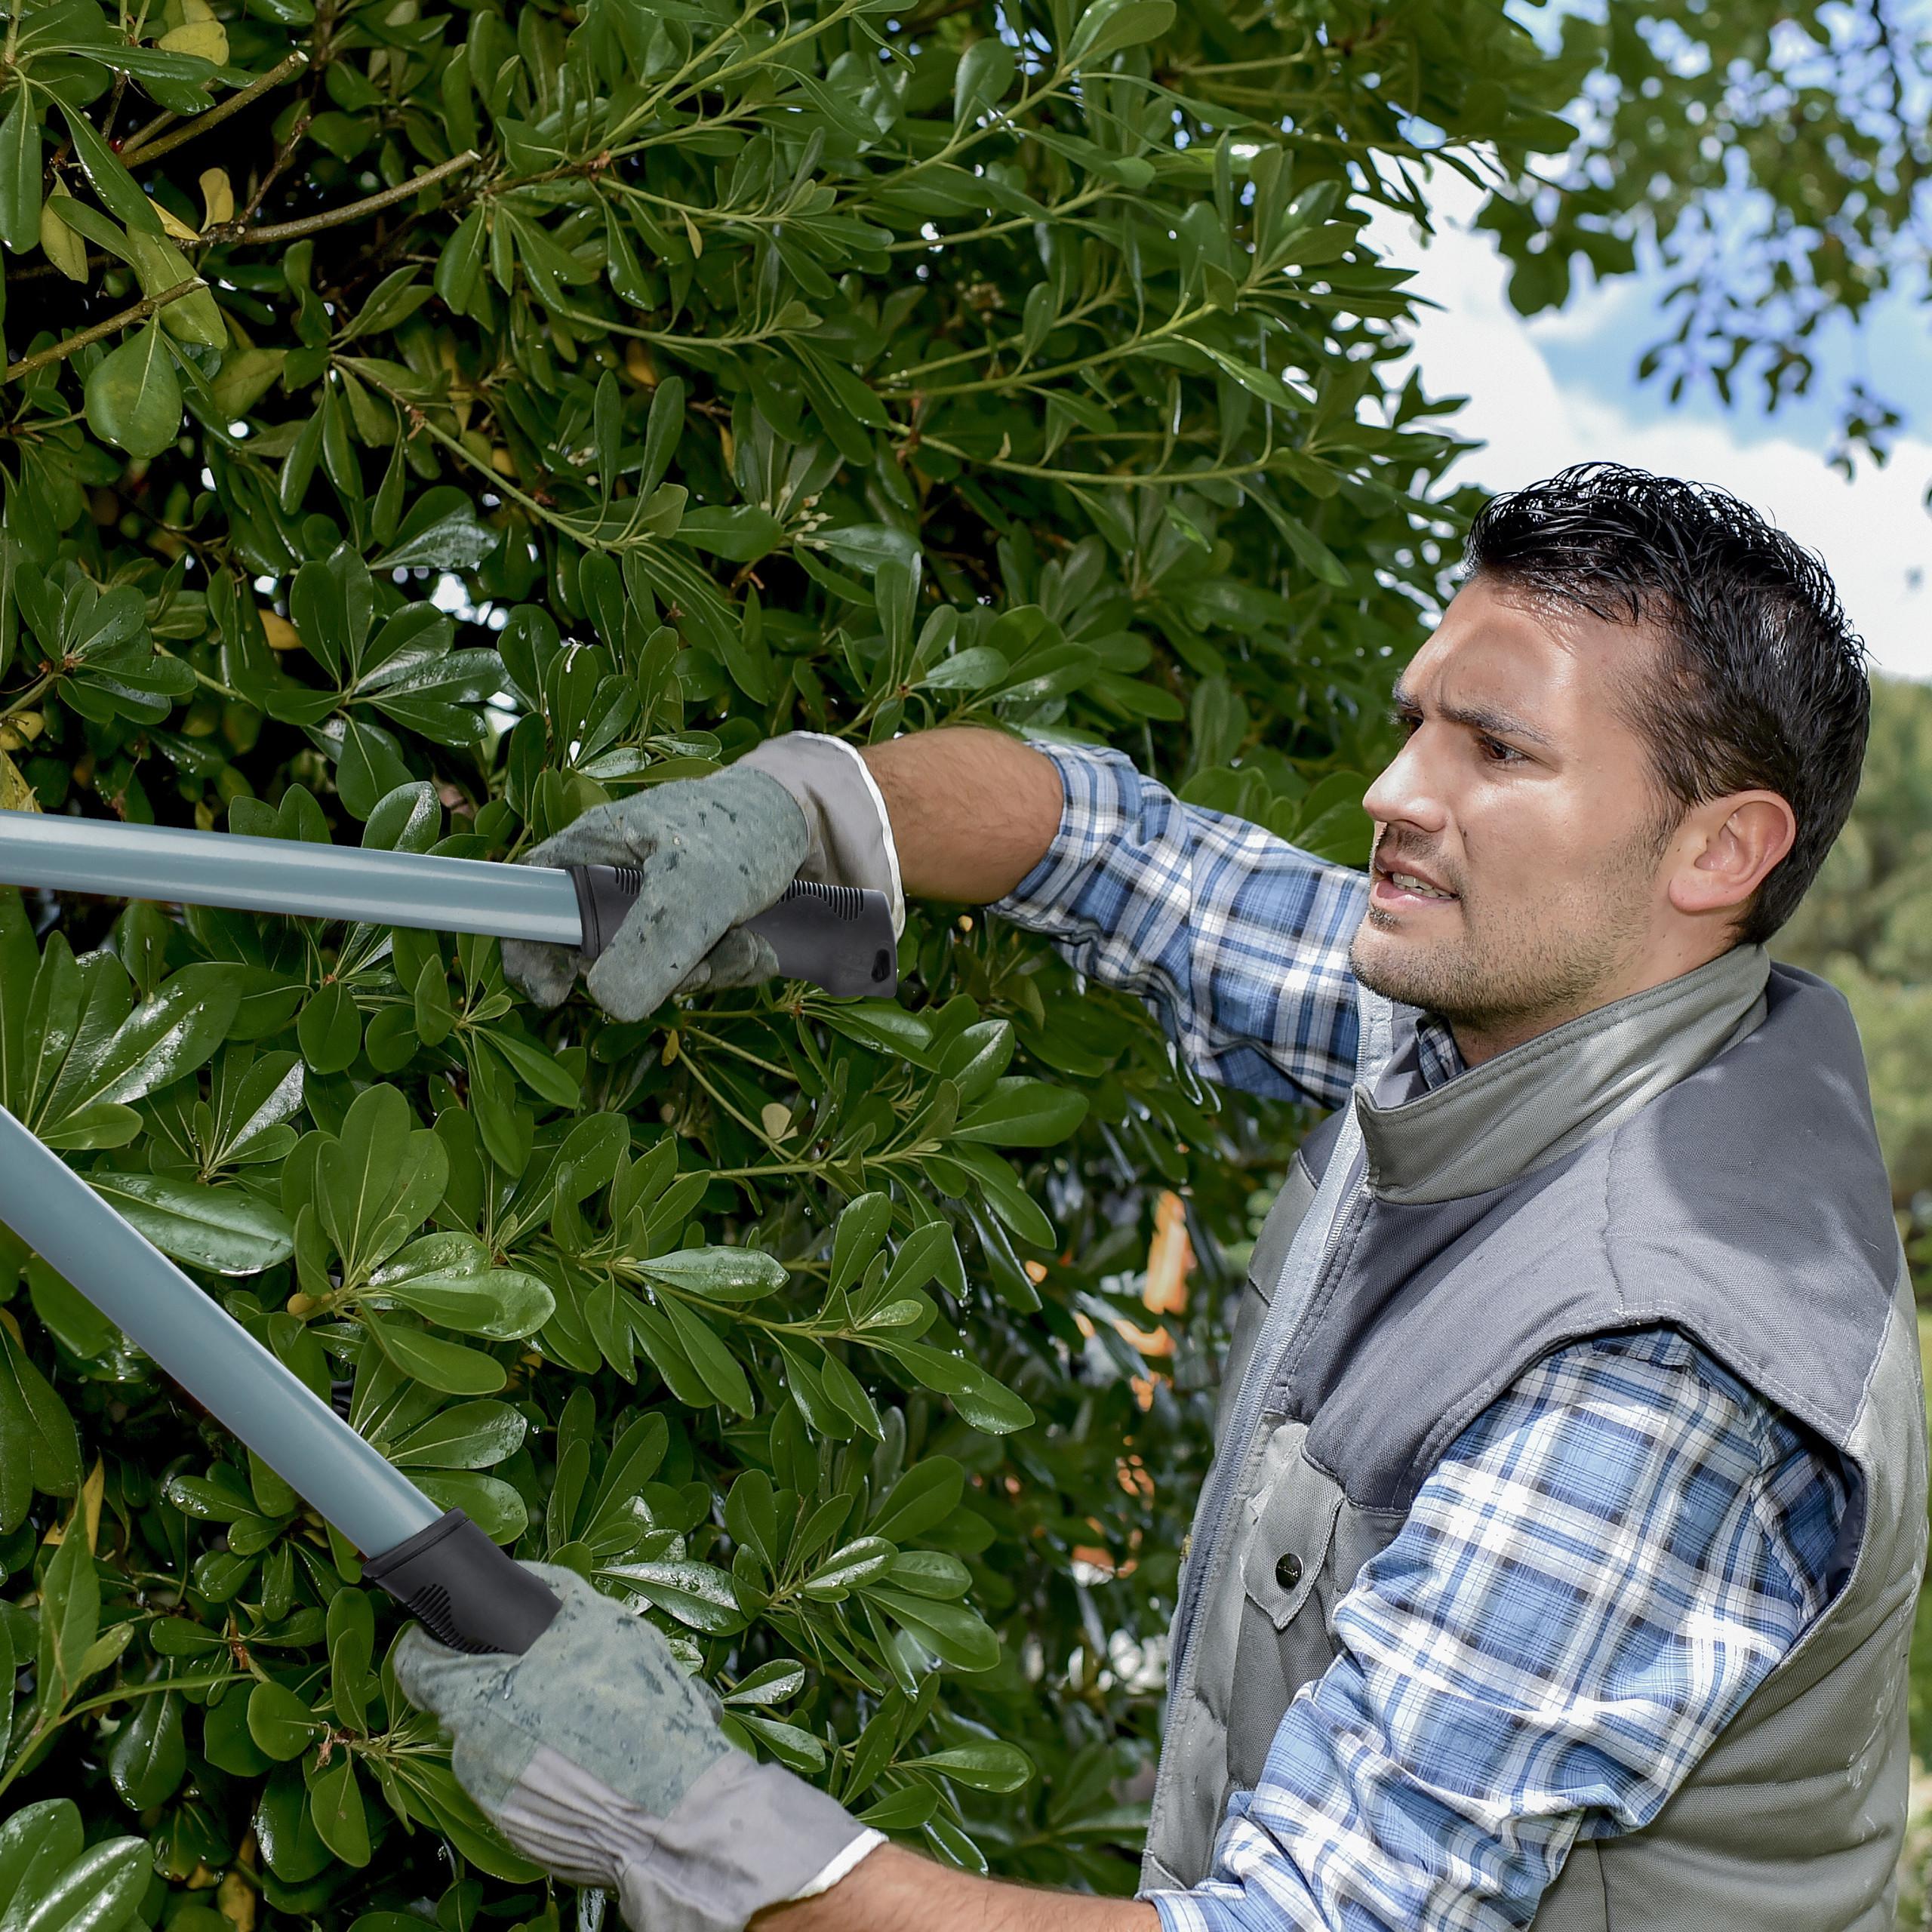 Astschere Astschneider Astzange Handastschere Bypass-Astschere Baumschere Garten